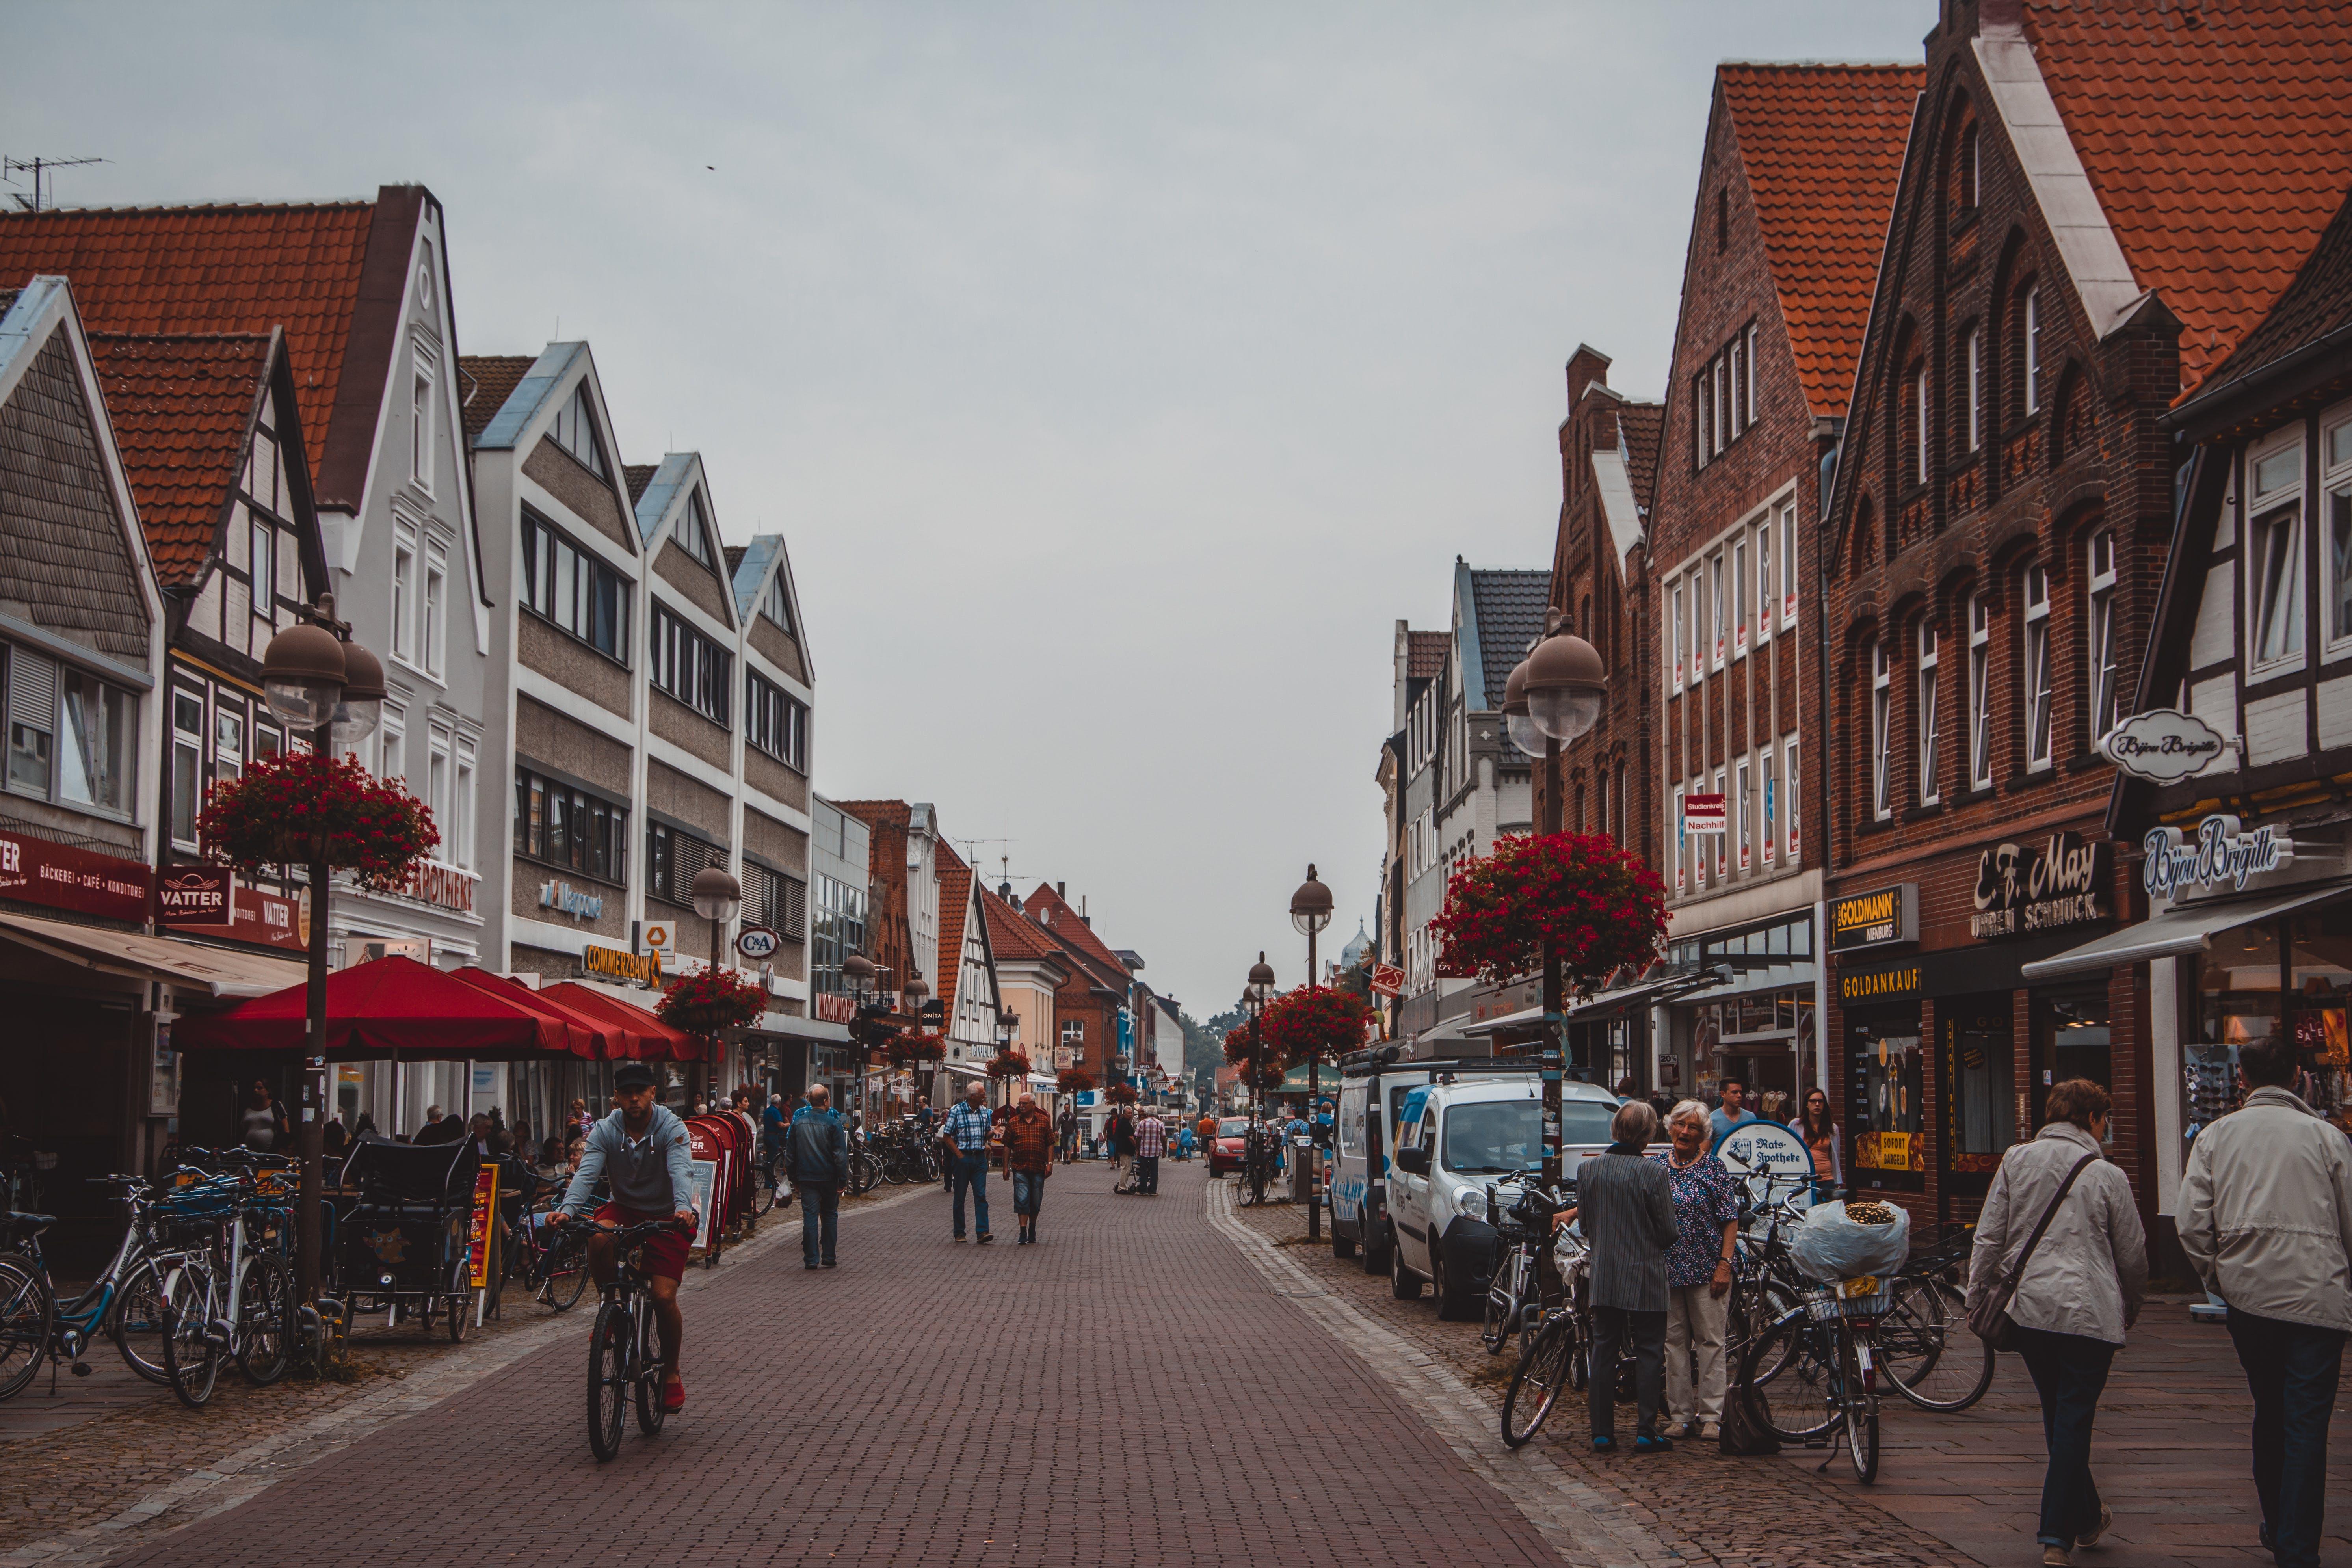 People Walking on Road Beside Buildings